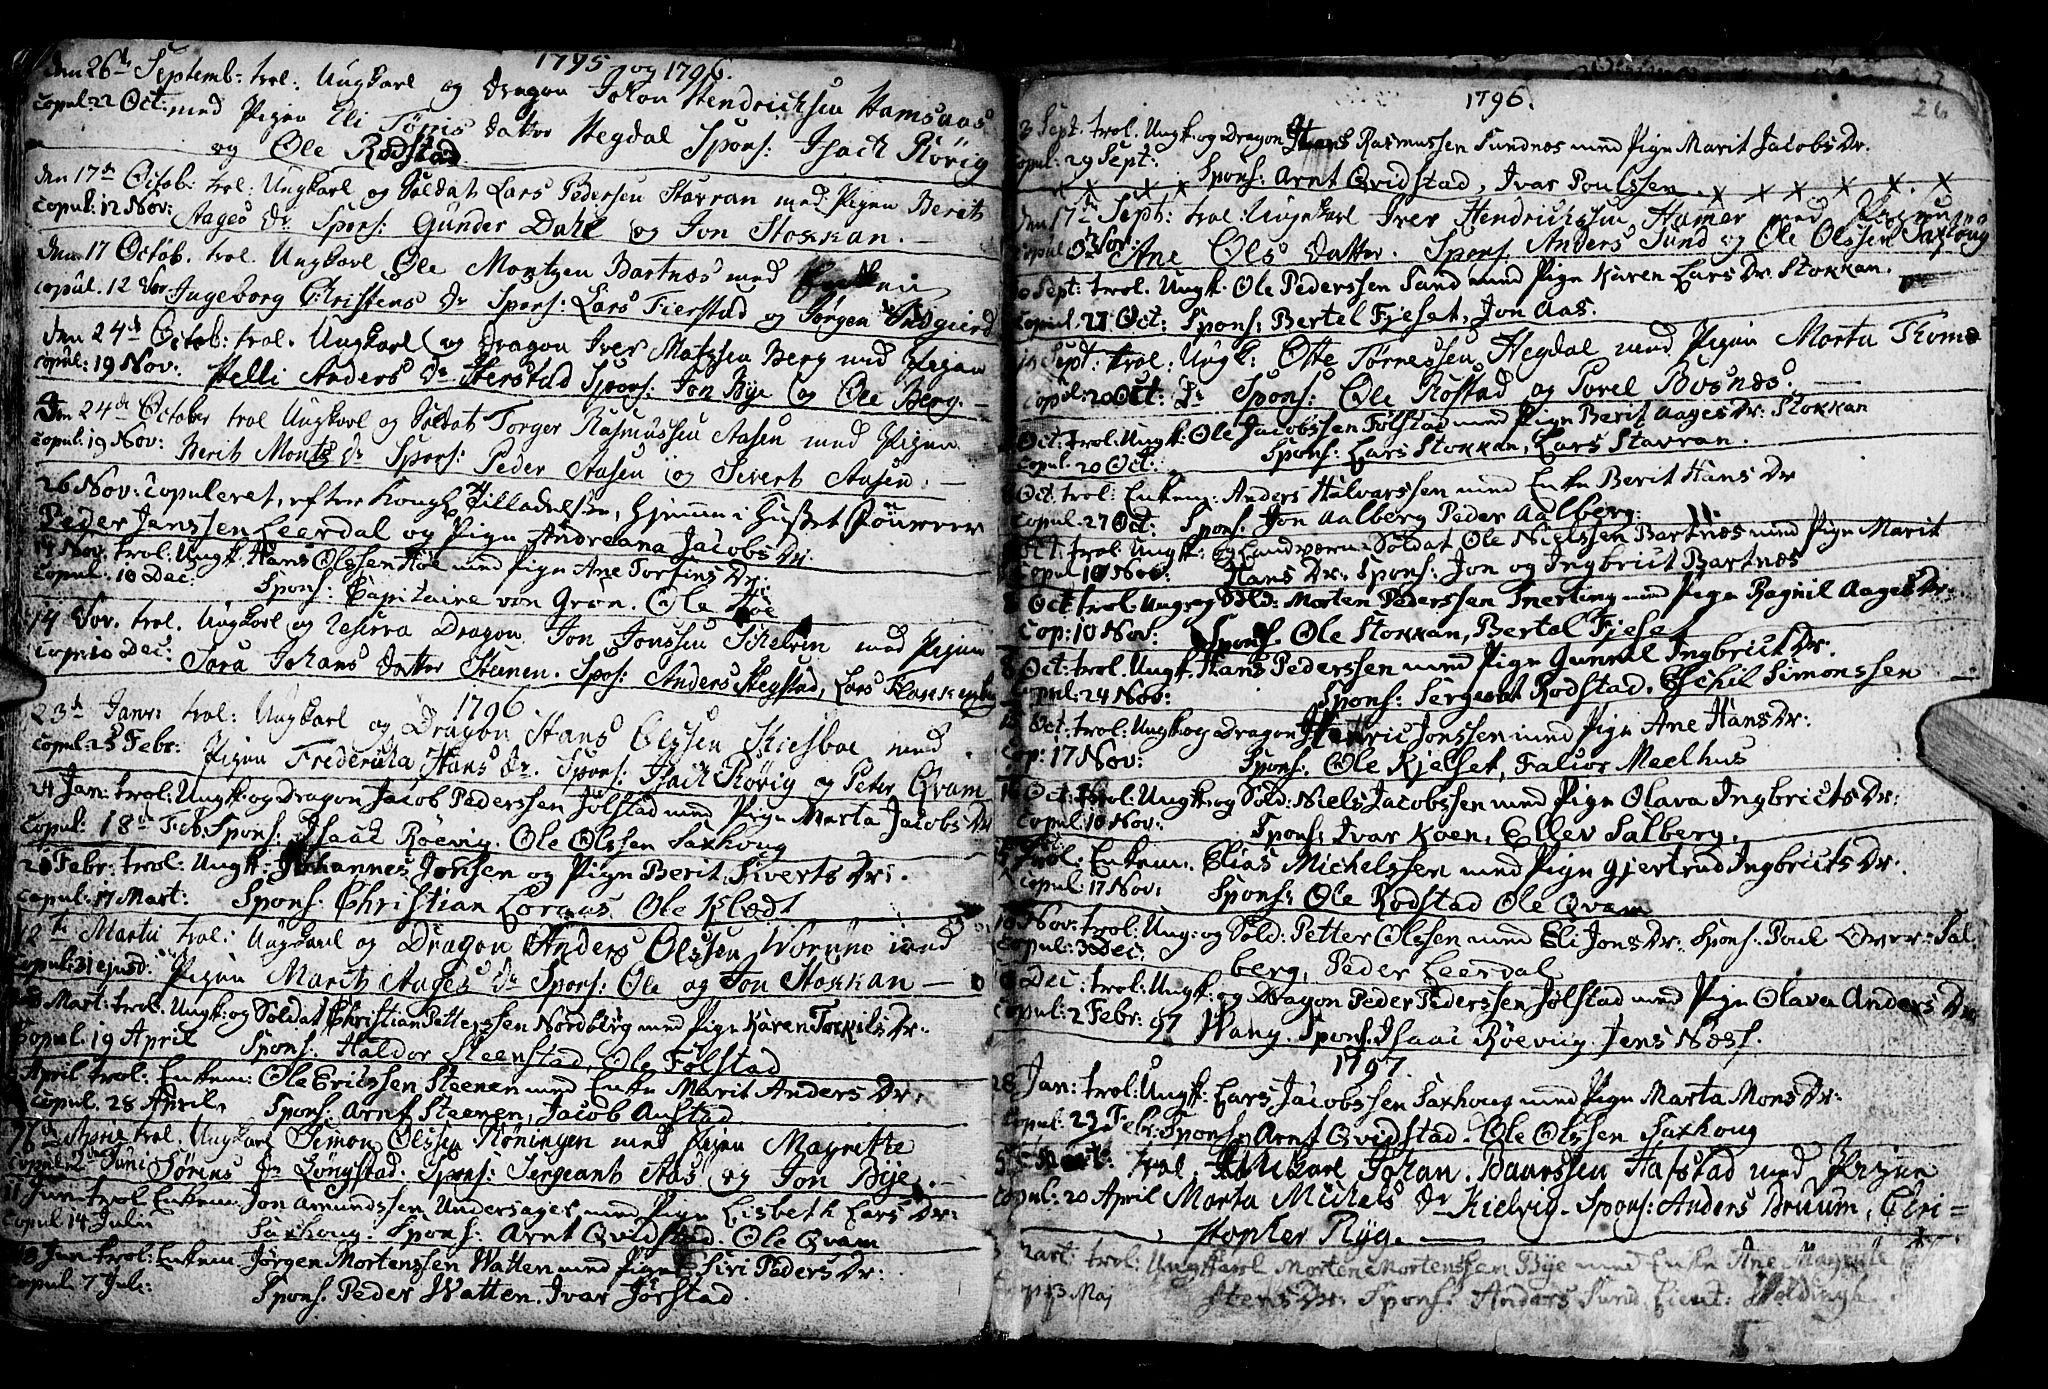 SAT, Ministerialprotokoller, klokkerbøker og fødselsregistre - Nord-Trøndelag, 730/L0273: Ministerialbok nr. 730A02, 1762-1802, s. 26